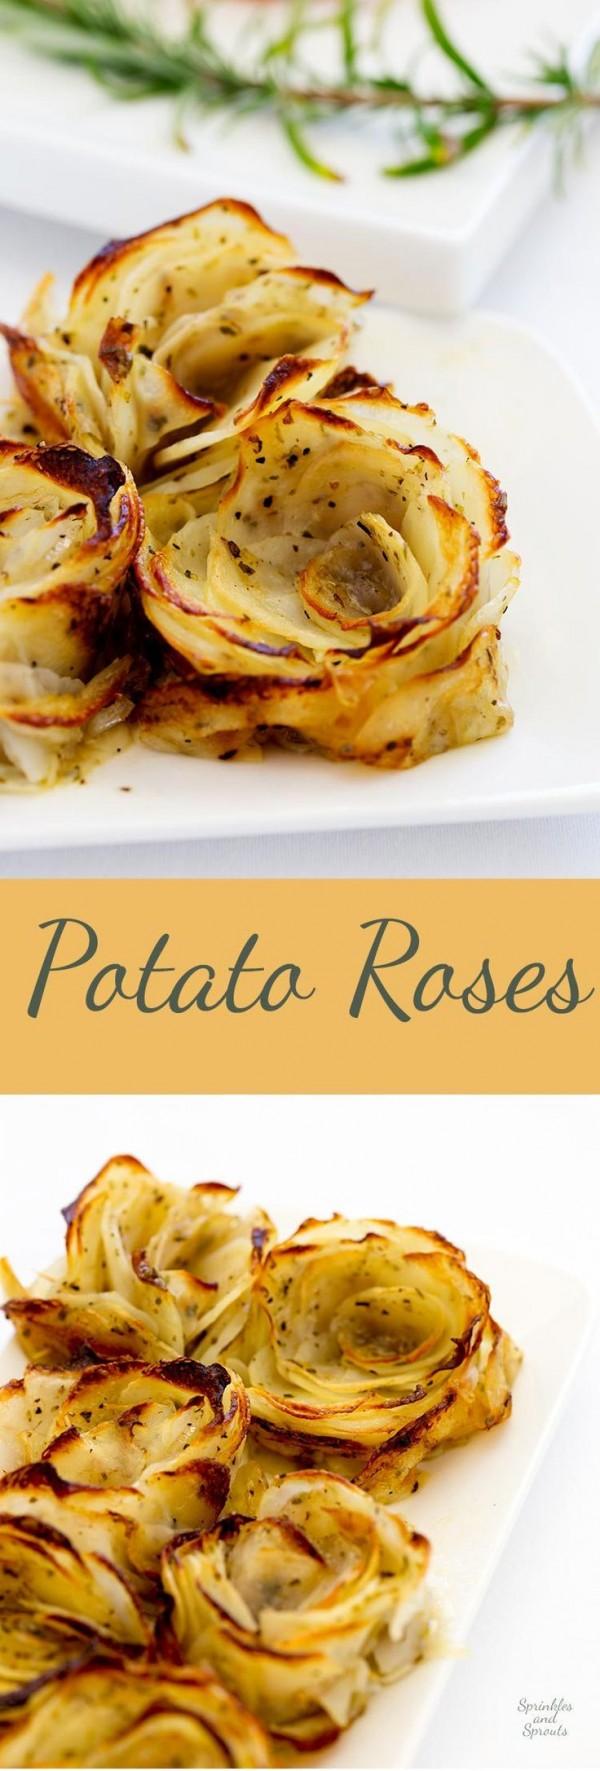 Get the recipe Potato Roses @recipes_to_go